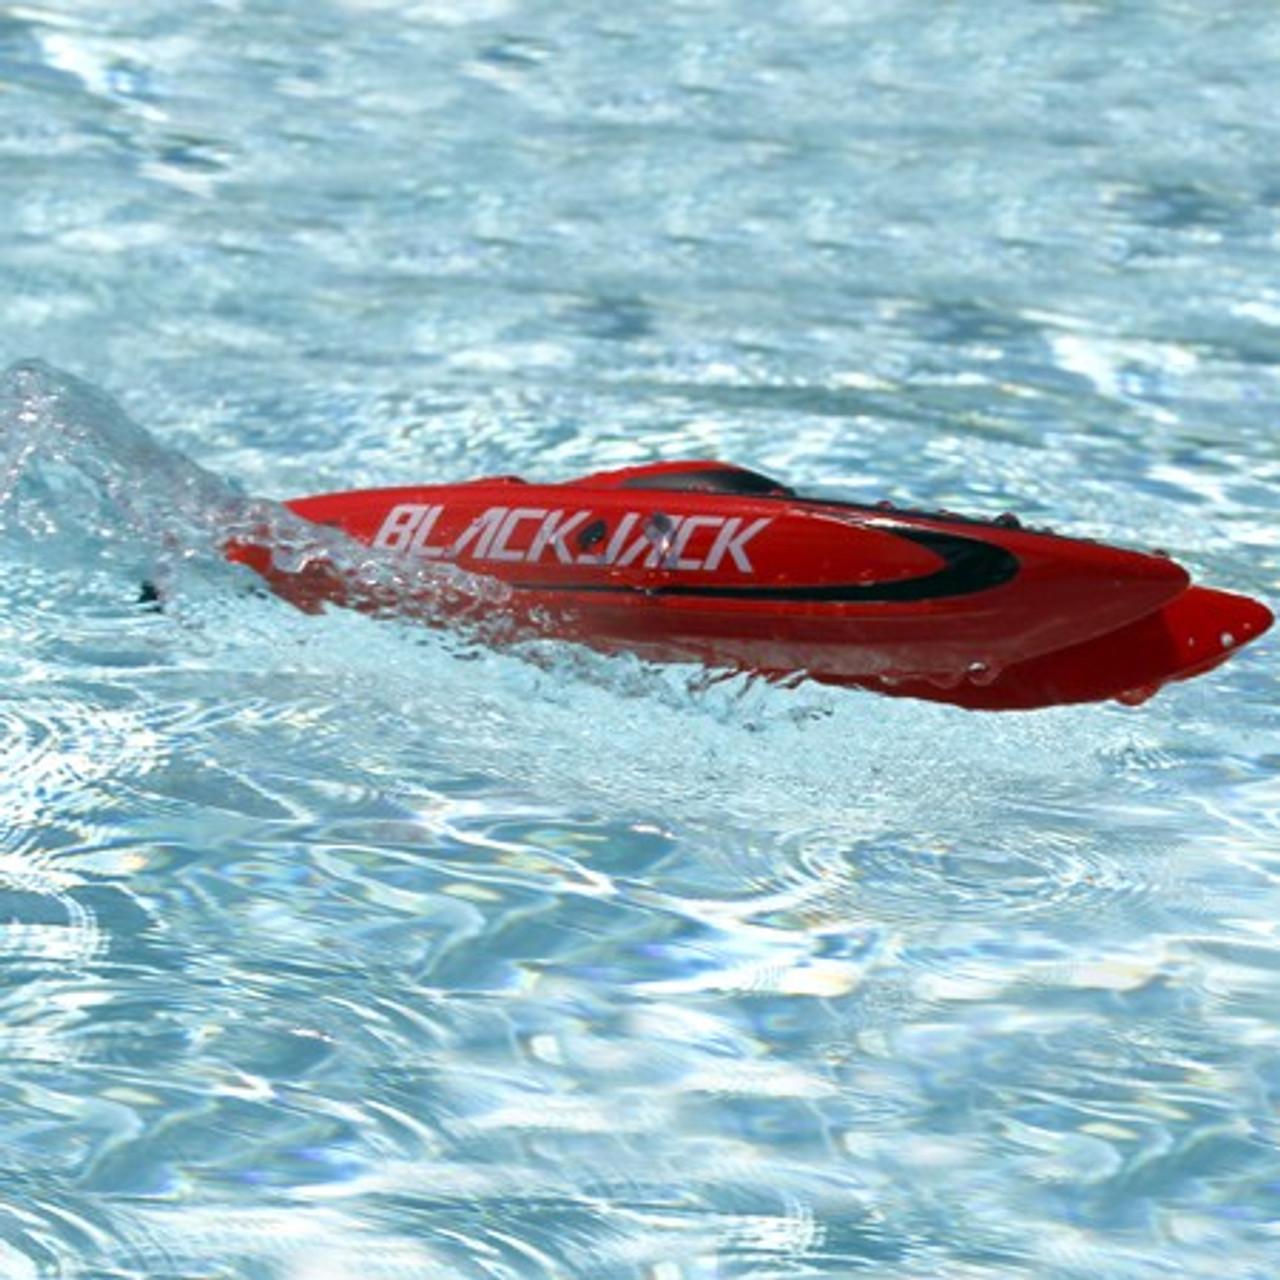 ProBoat Blackjack 9in Catamaran RC Boat, RTR